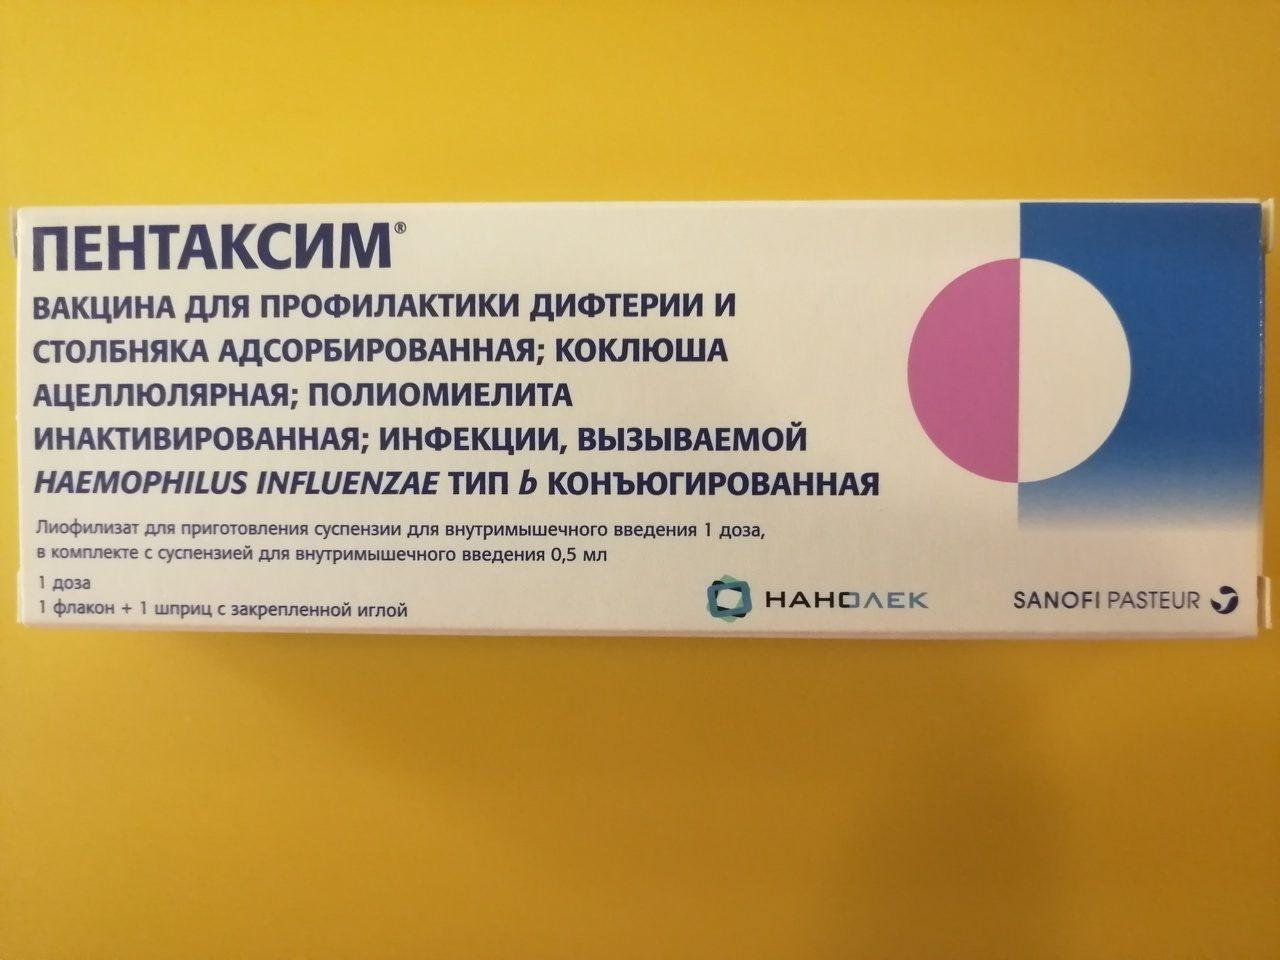 Пентаксим: противопоказания к прививке у детей, абсолютные и временные ограничения